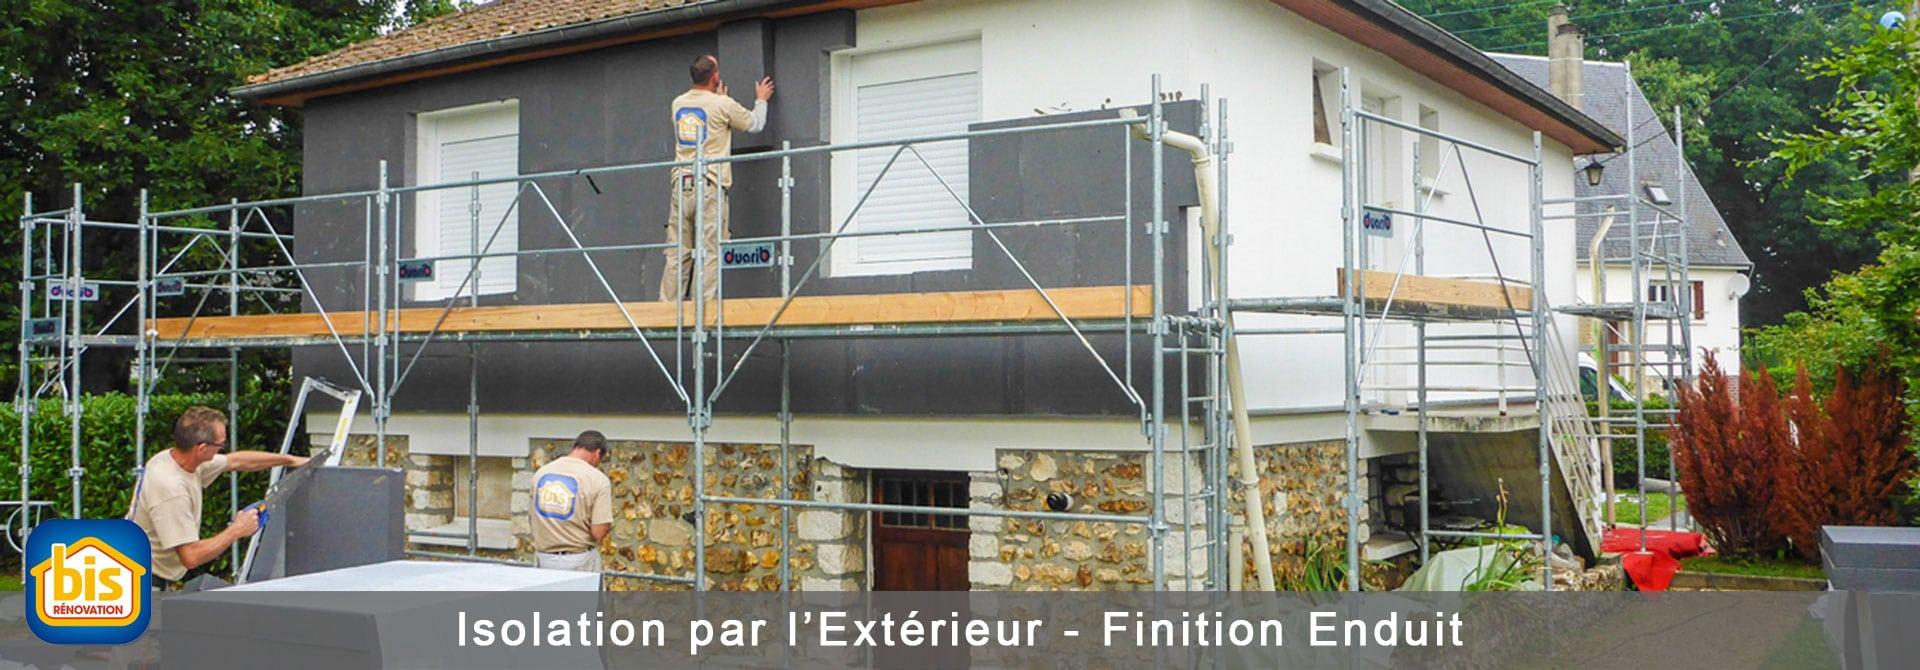 isolation_exterieur_enduit